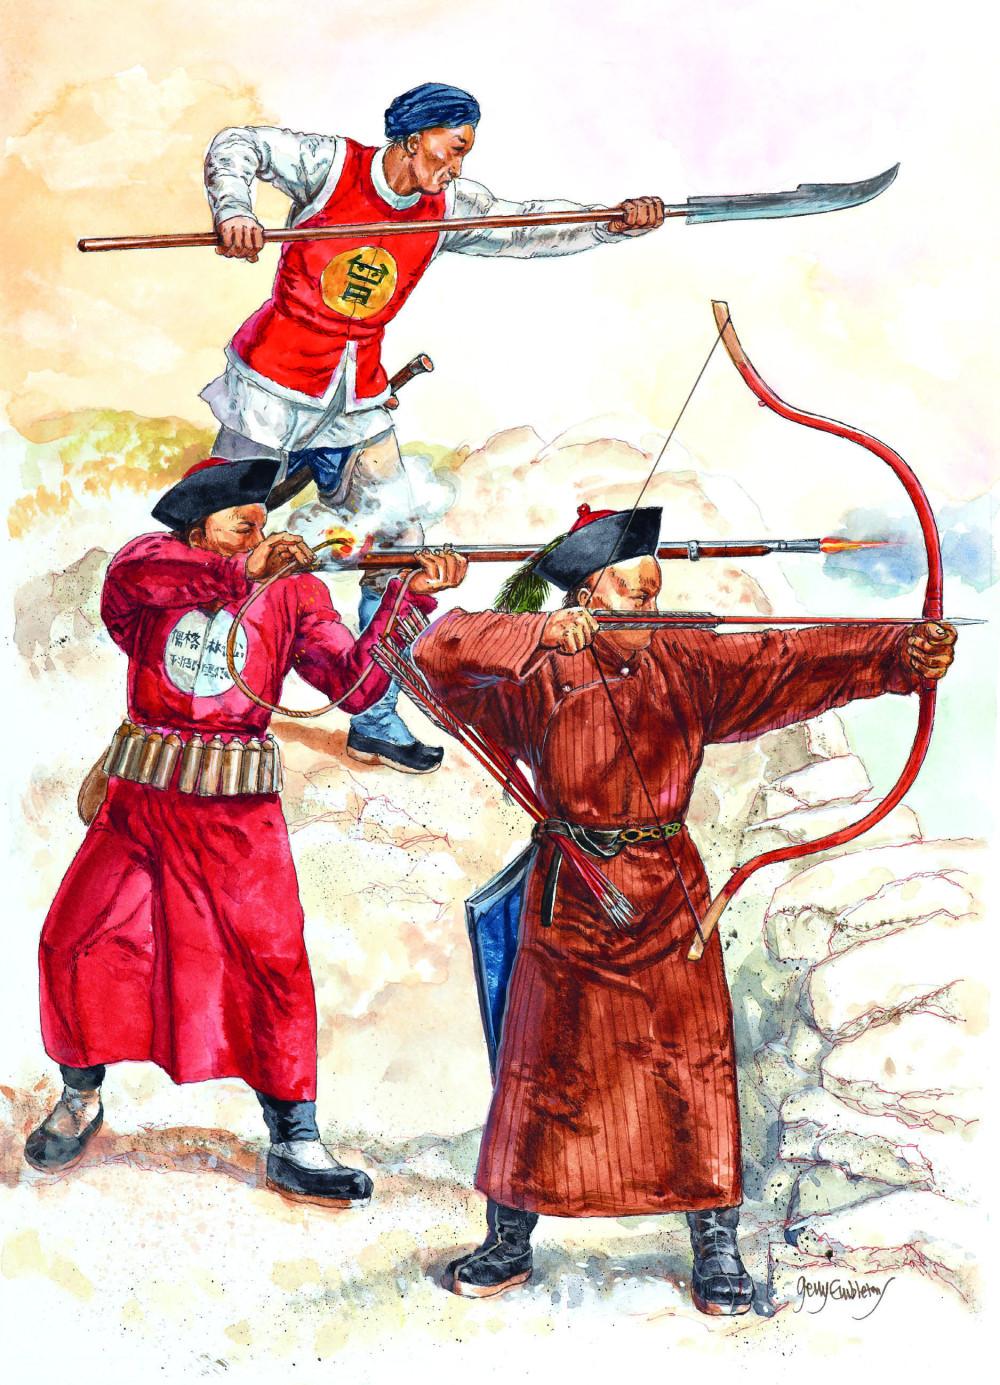 19世纪中期,仍然有许多清军士兵只有刀和弓,没有(已经落后于时代的)火枪